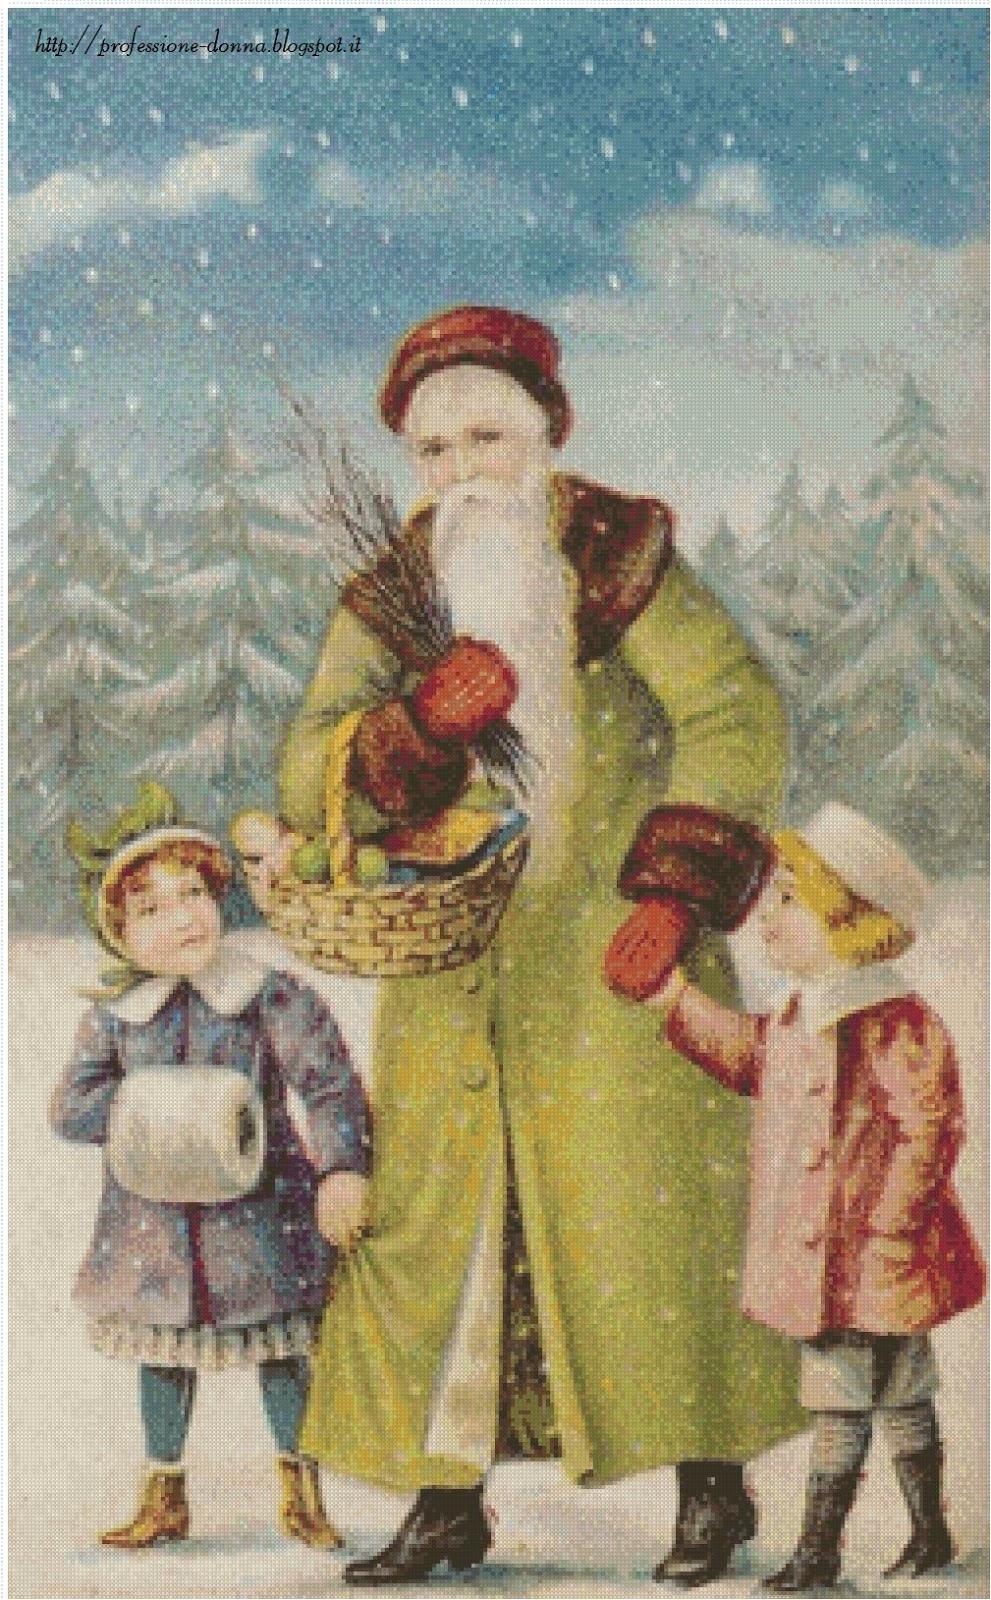 Babbo Natale Punto Croce Schemi Gratis.Professione Donna Schemi Gratis Per Il Punto Croce Cartoline Di